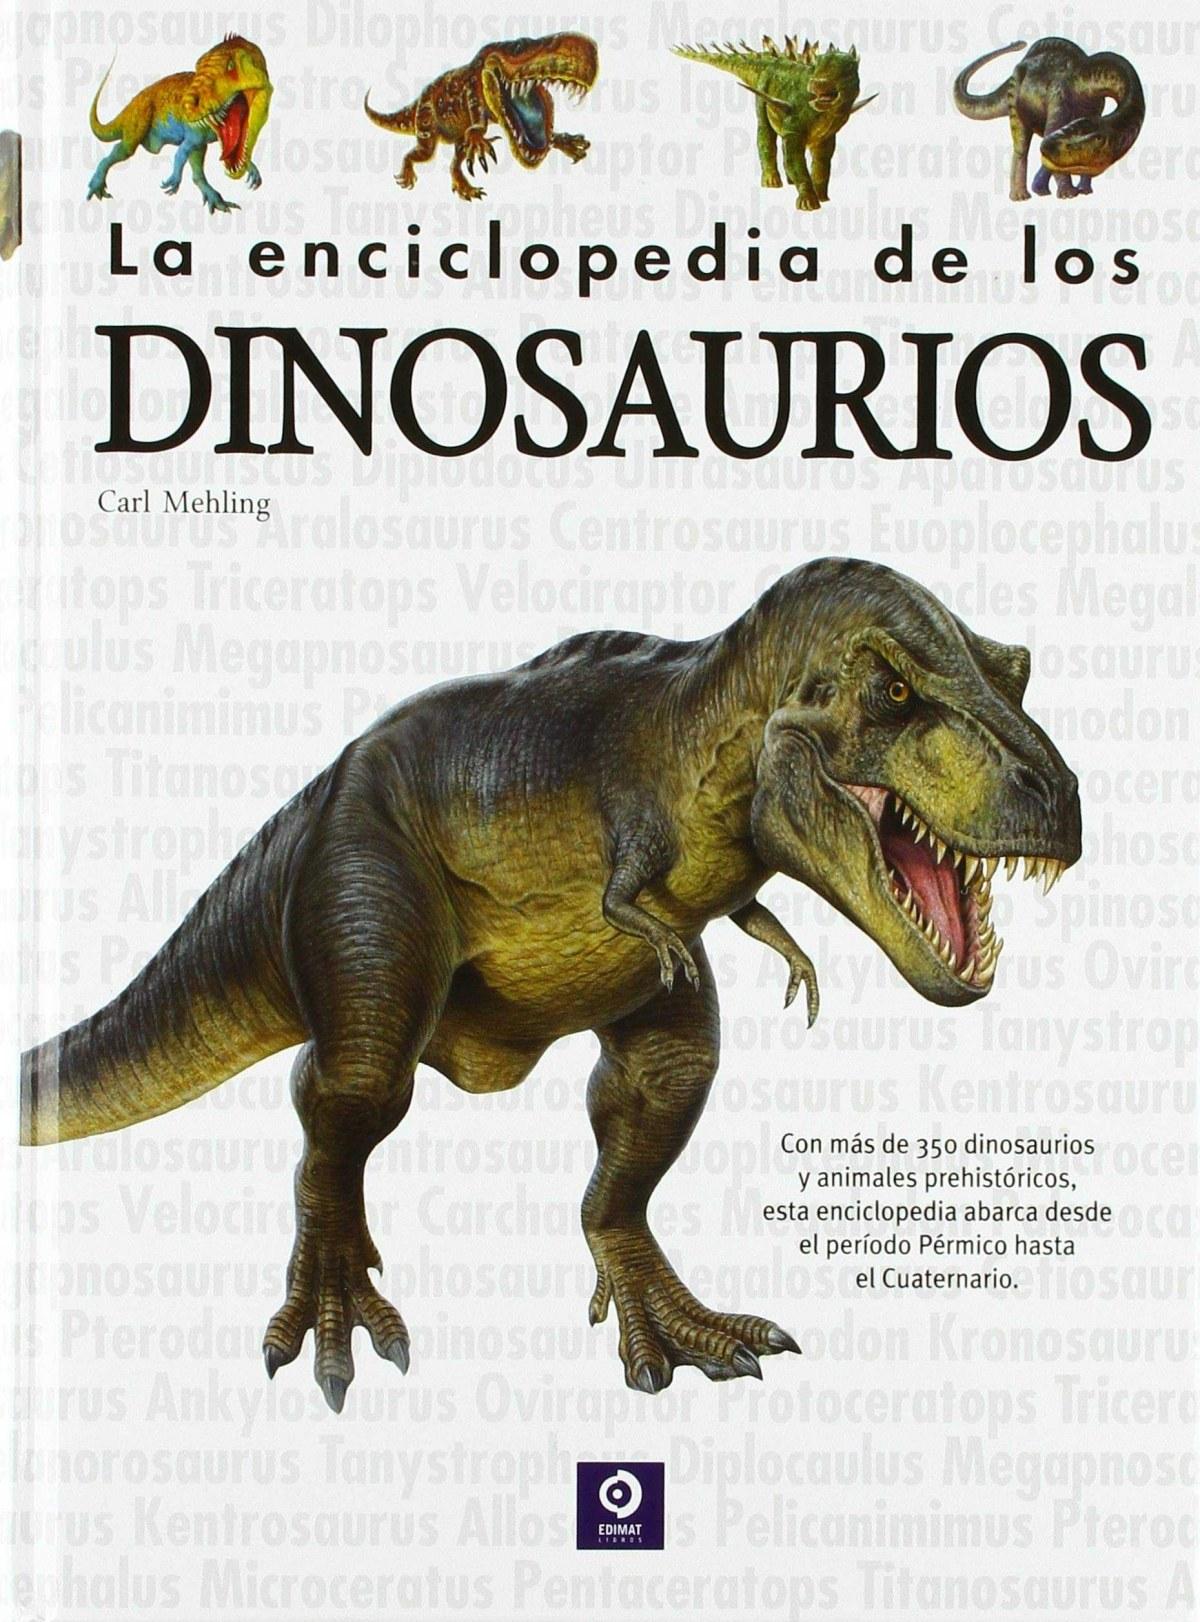 La enciclopedia de los Dinosaurios